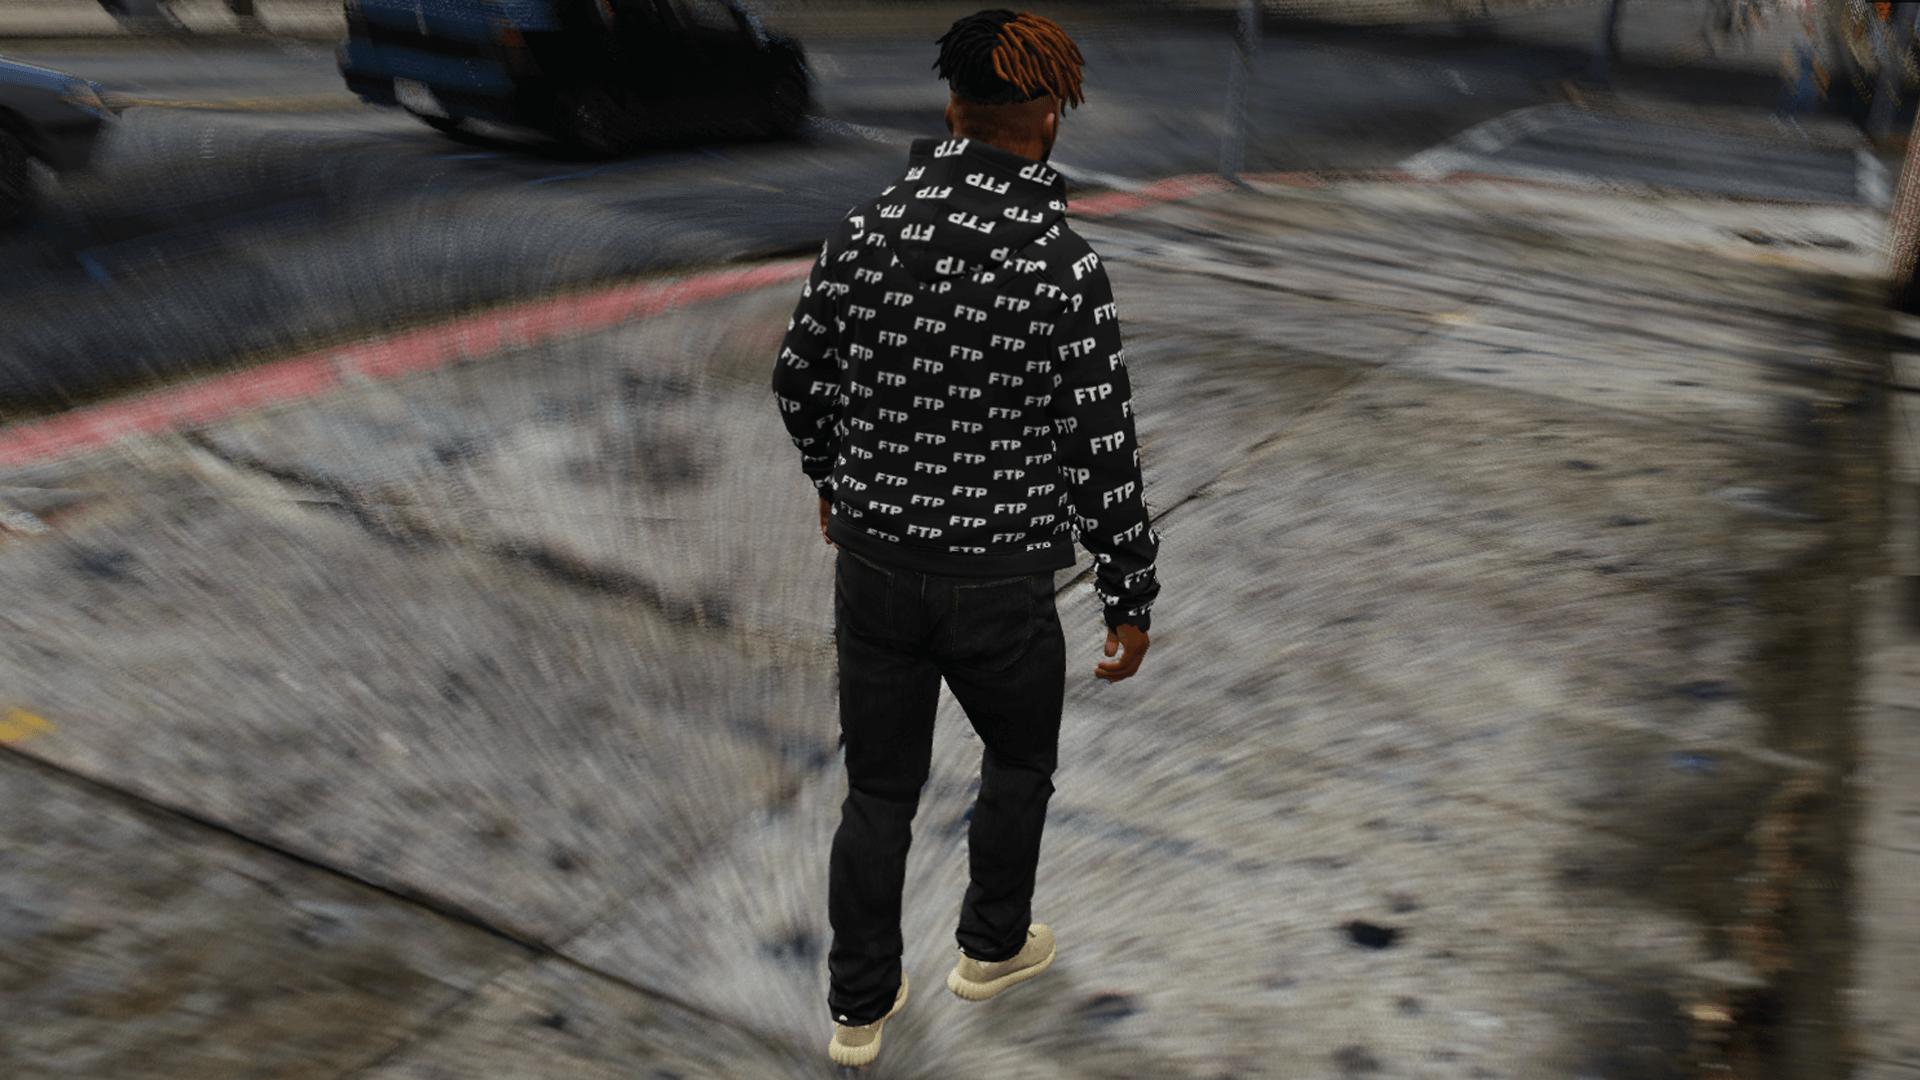 Ftp All Over Hoodie Gta5 Mods Com